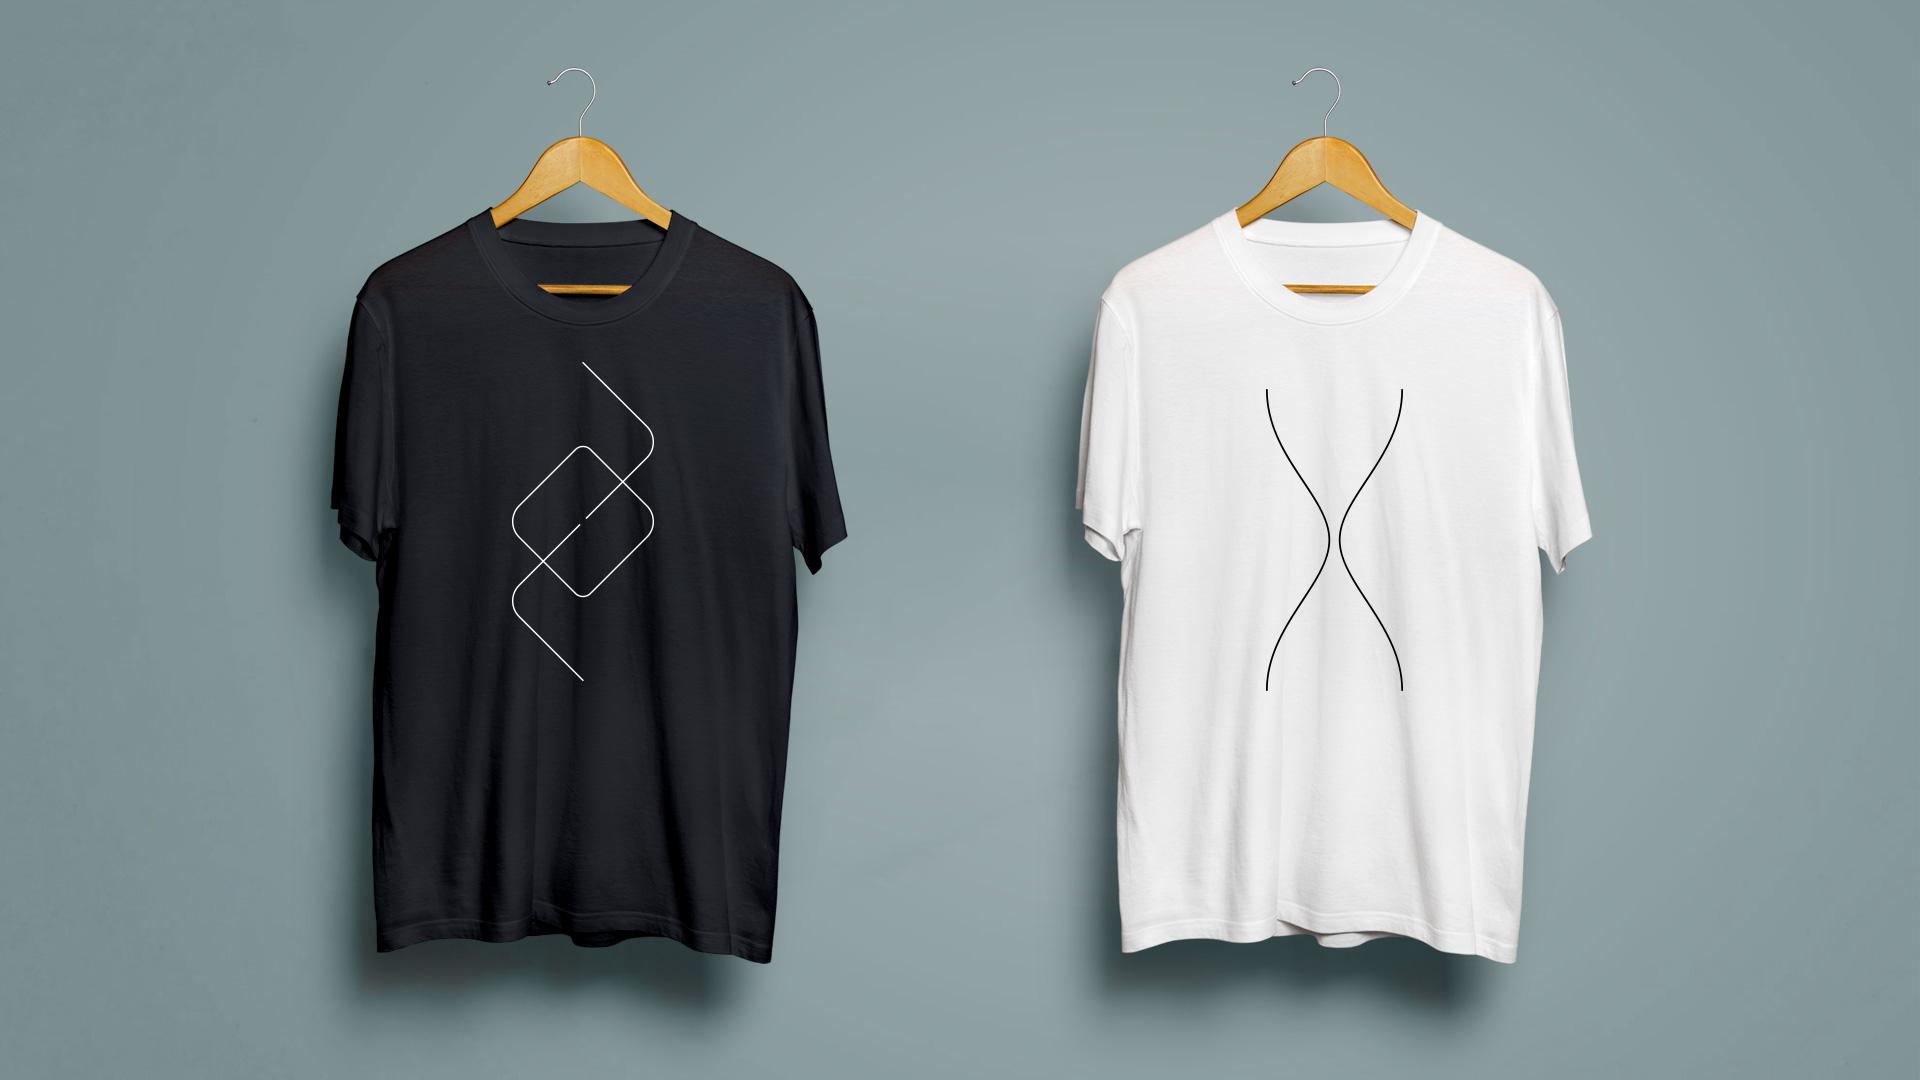 t_shirt_mockup_front-02b